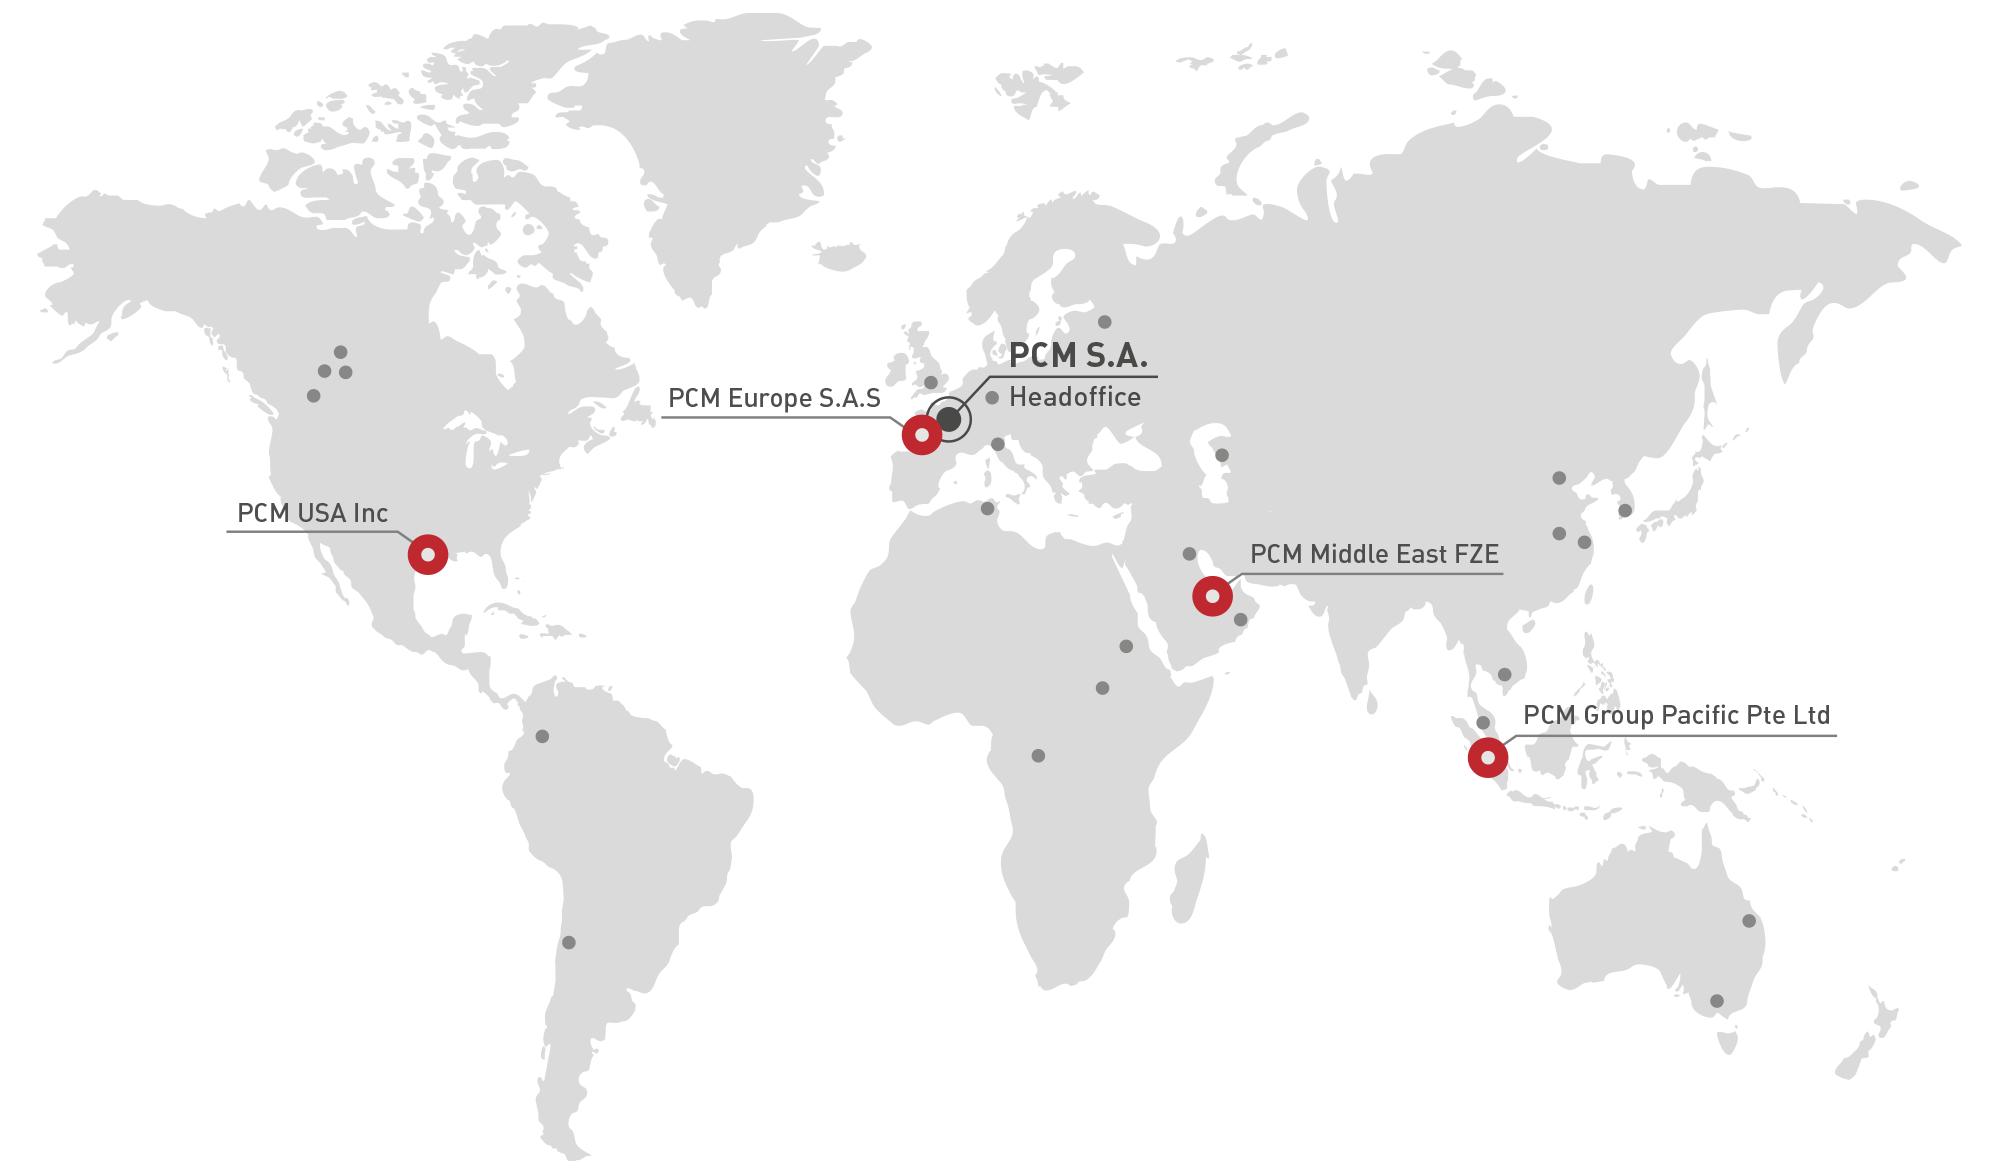 世界各地的PCM接触